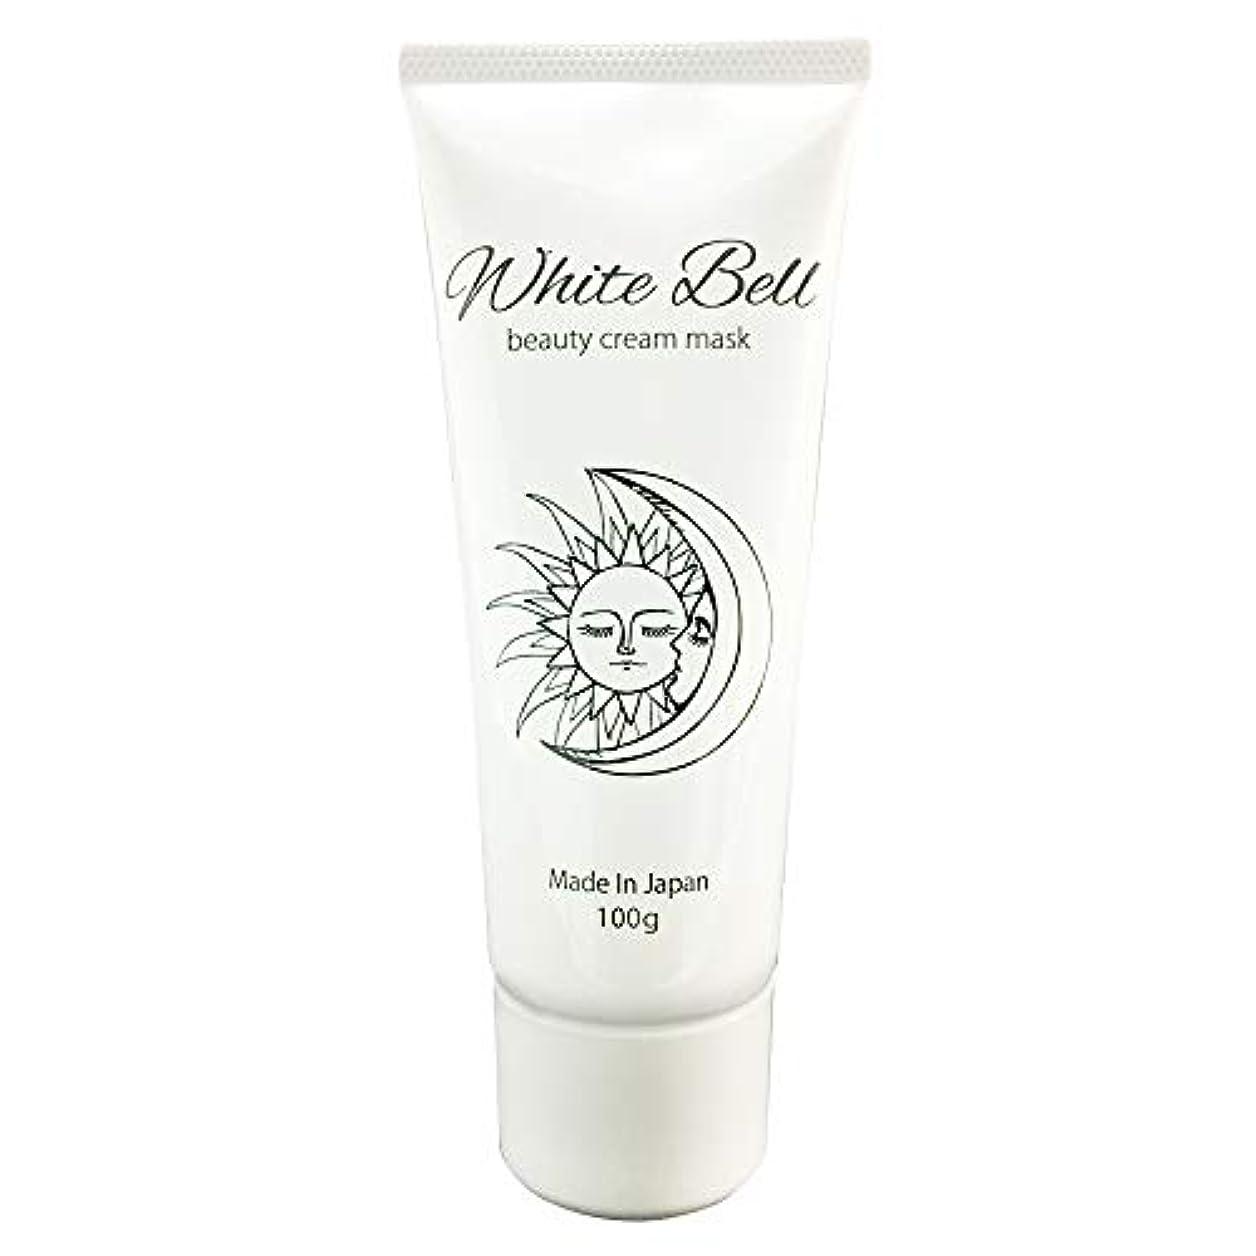 列車自動化目の前のホワイトベル ビューティークリームマスク White-Bell beauty cream mask ナイトクリーム オールインワン